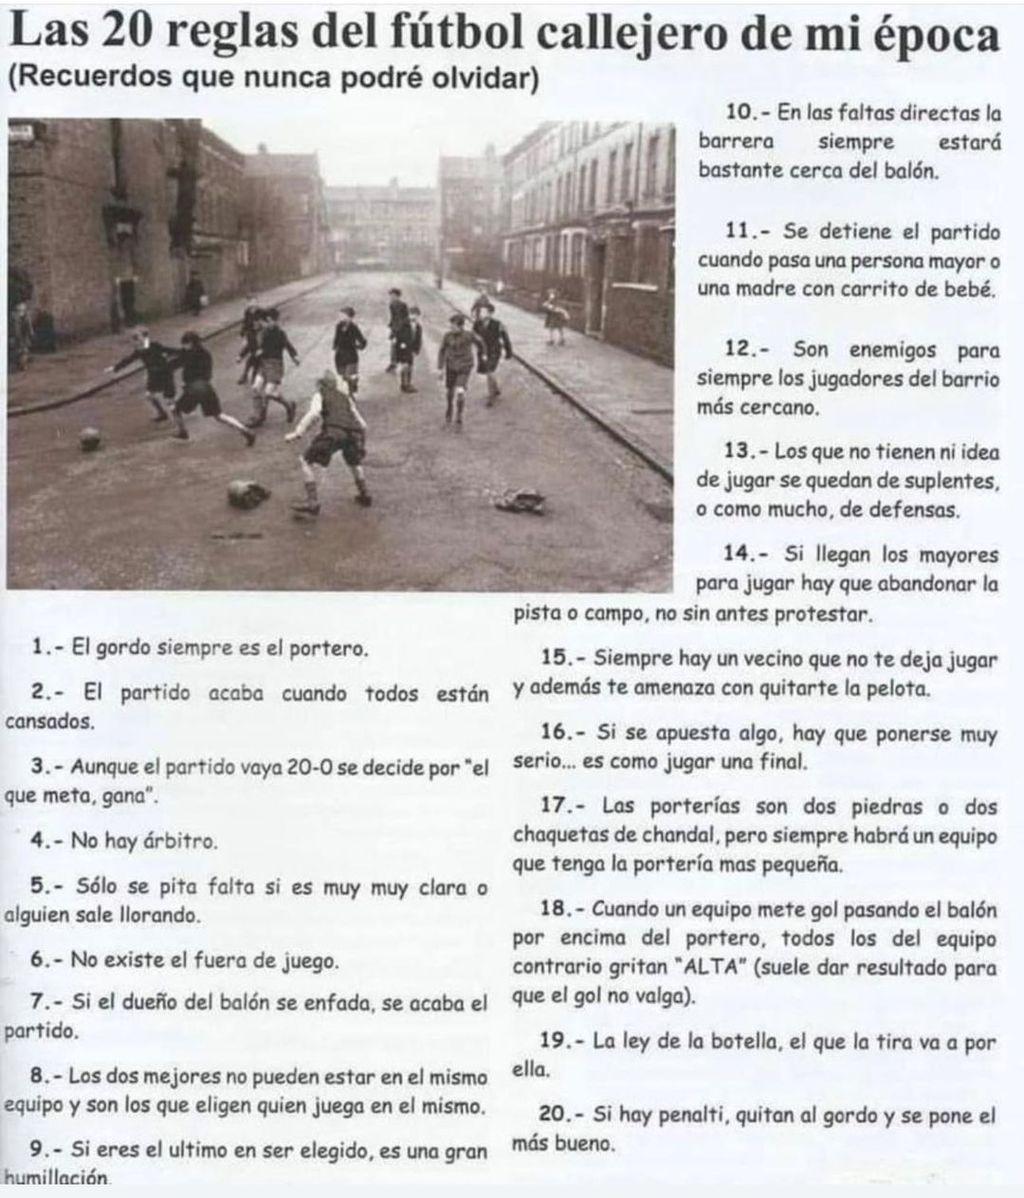 Las reglas del fútbol callejero según Joaquín